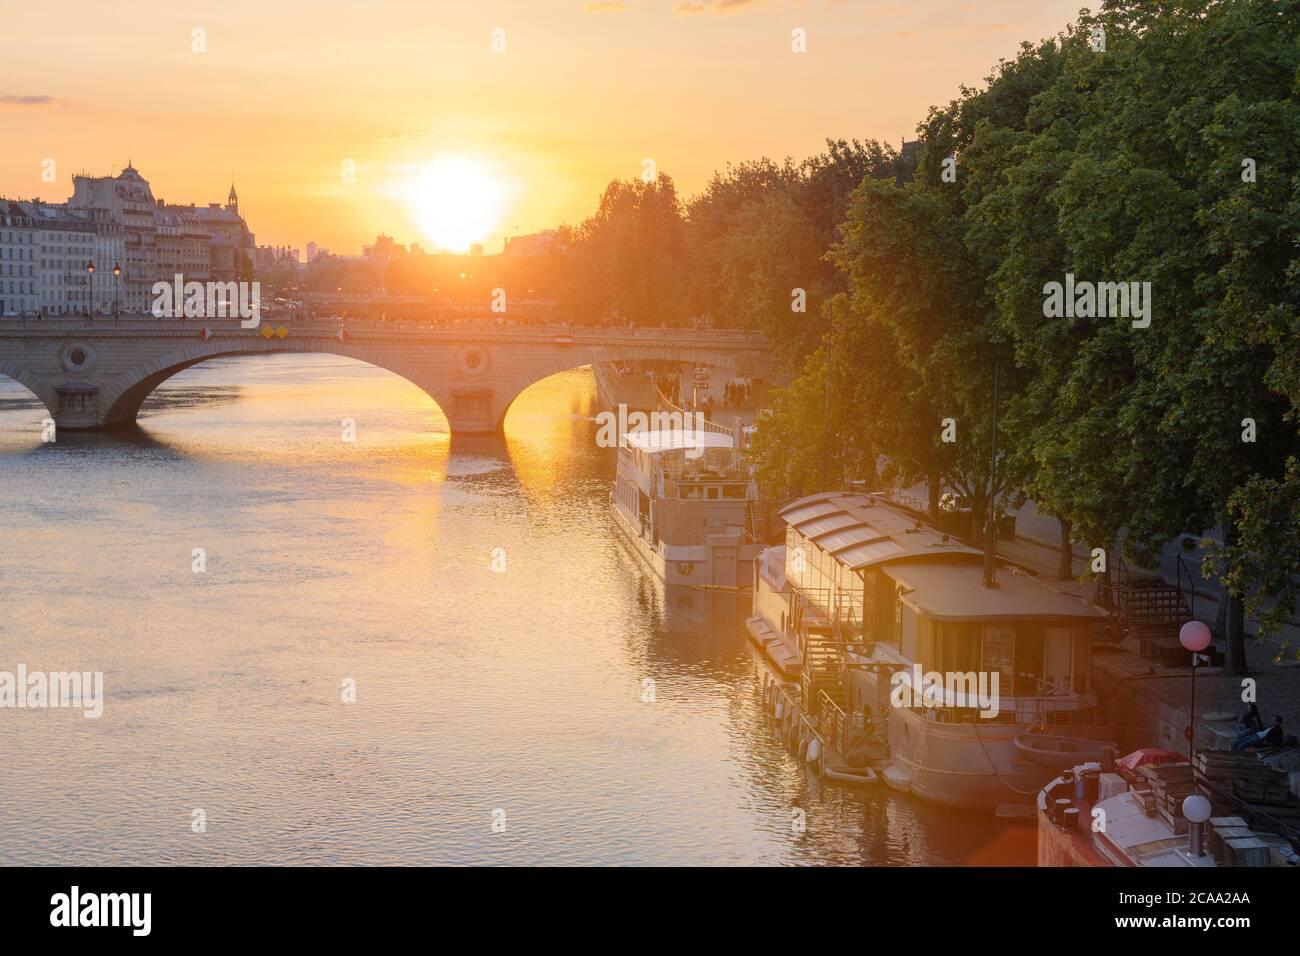 PARIGI, FRANCIA - Tramonto sulla senna. Parigi è una delle destinazioni turistiche più popolari d'Europa. Foto Stock